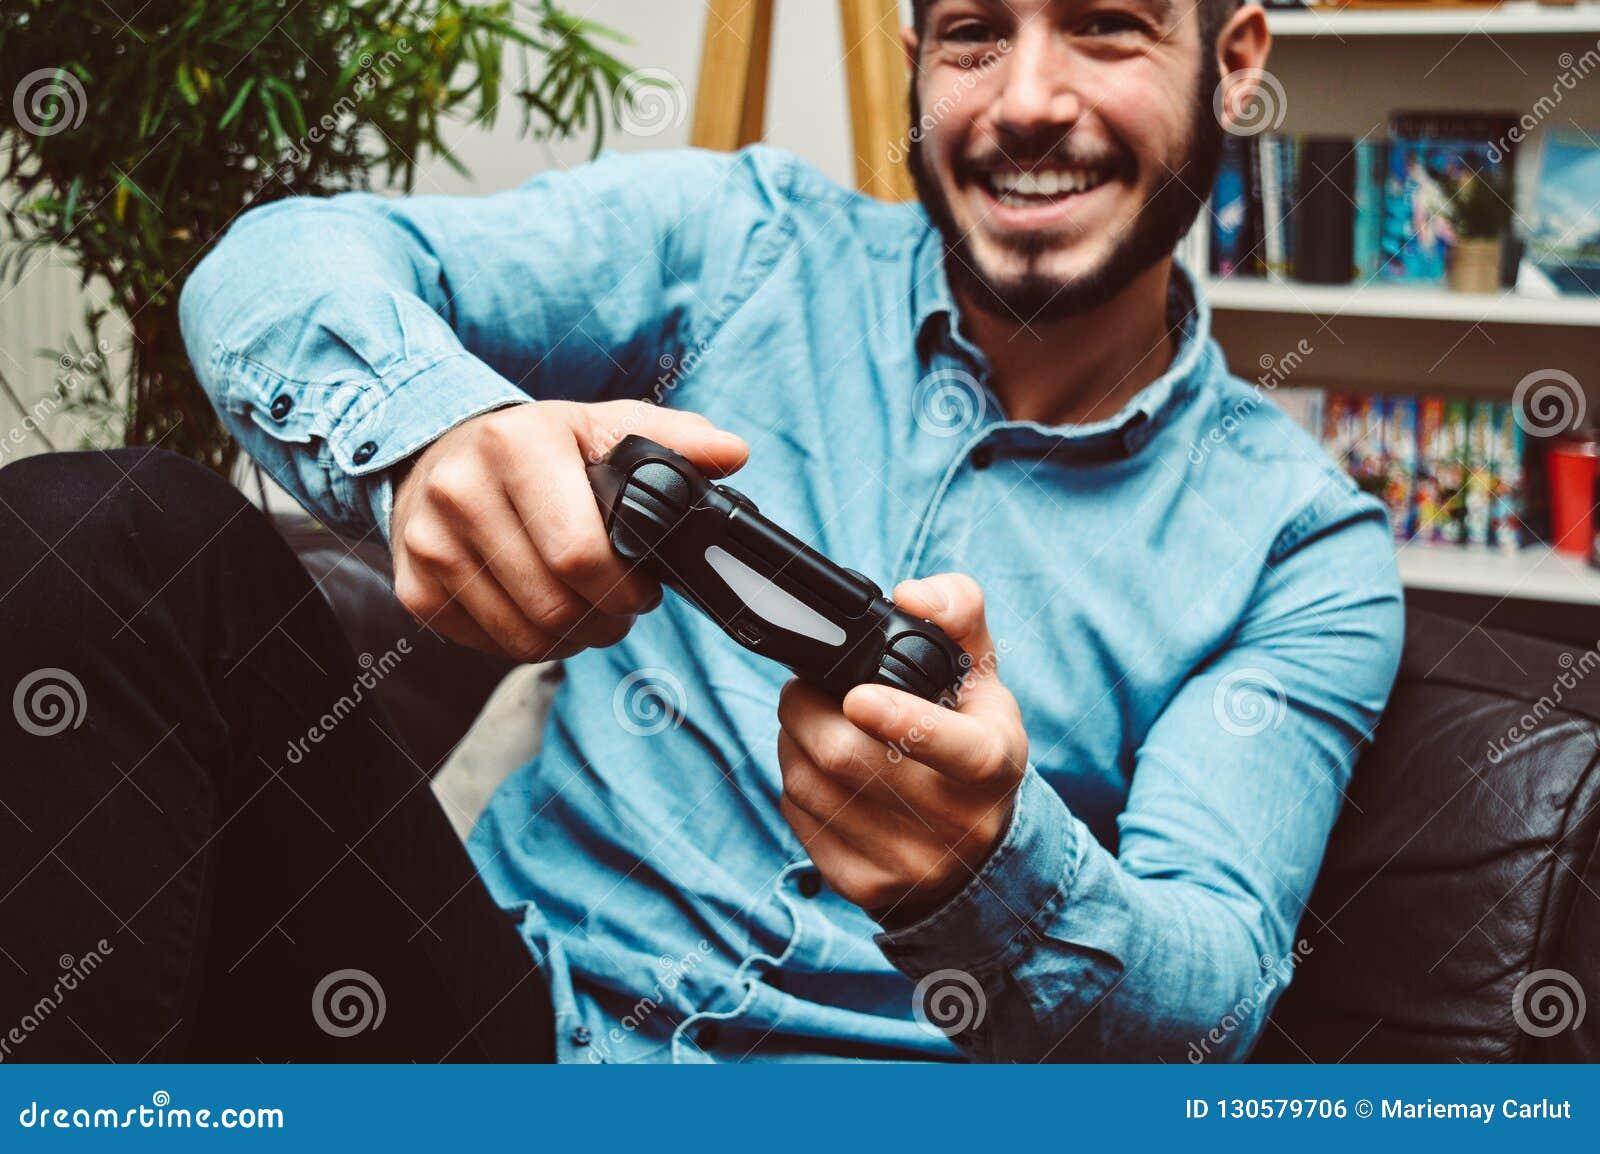 获得愉快的微笑的年轻的帅哥在家打电子游戏和乐趣